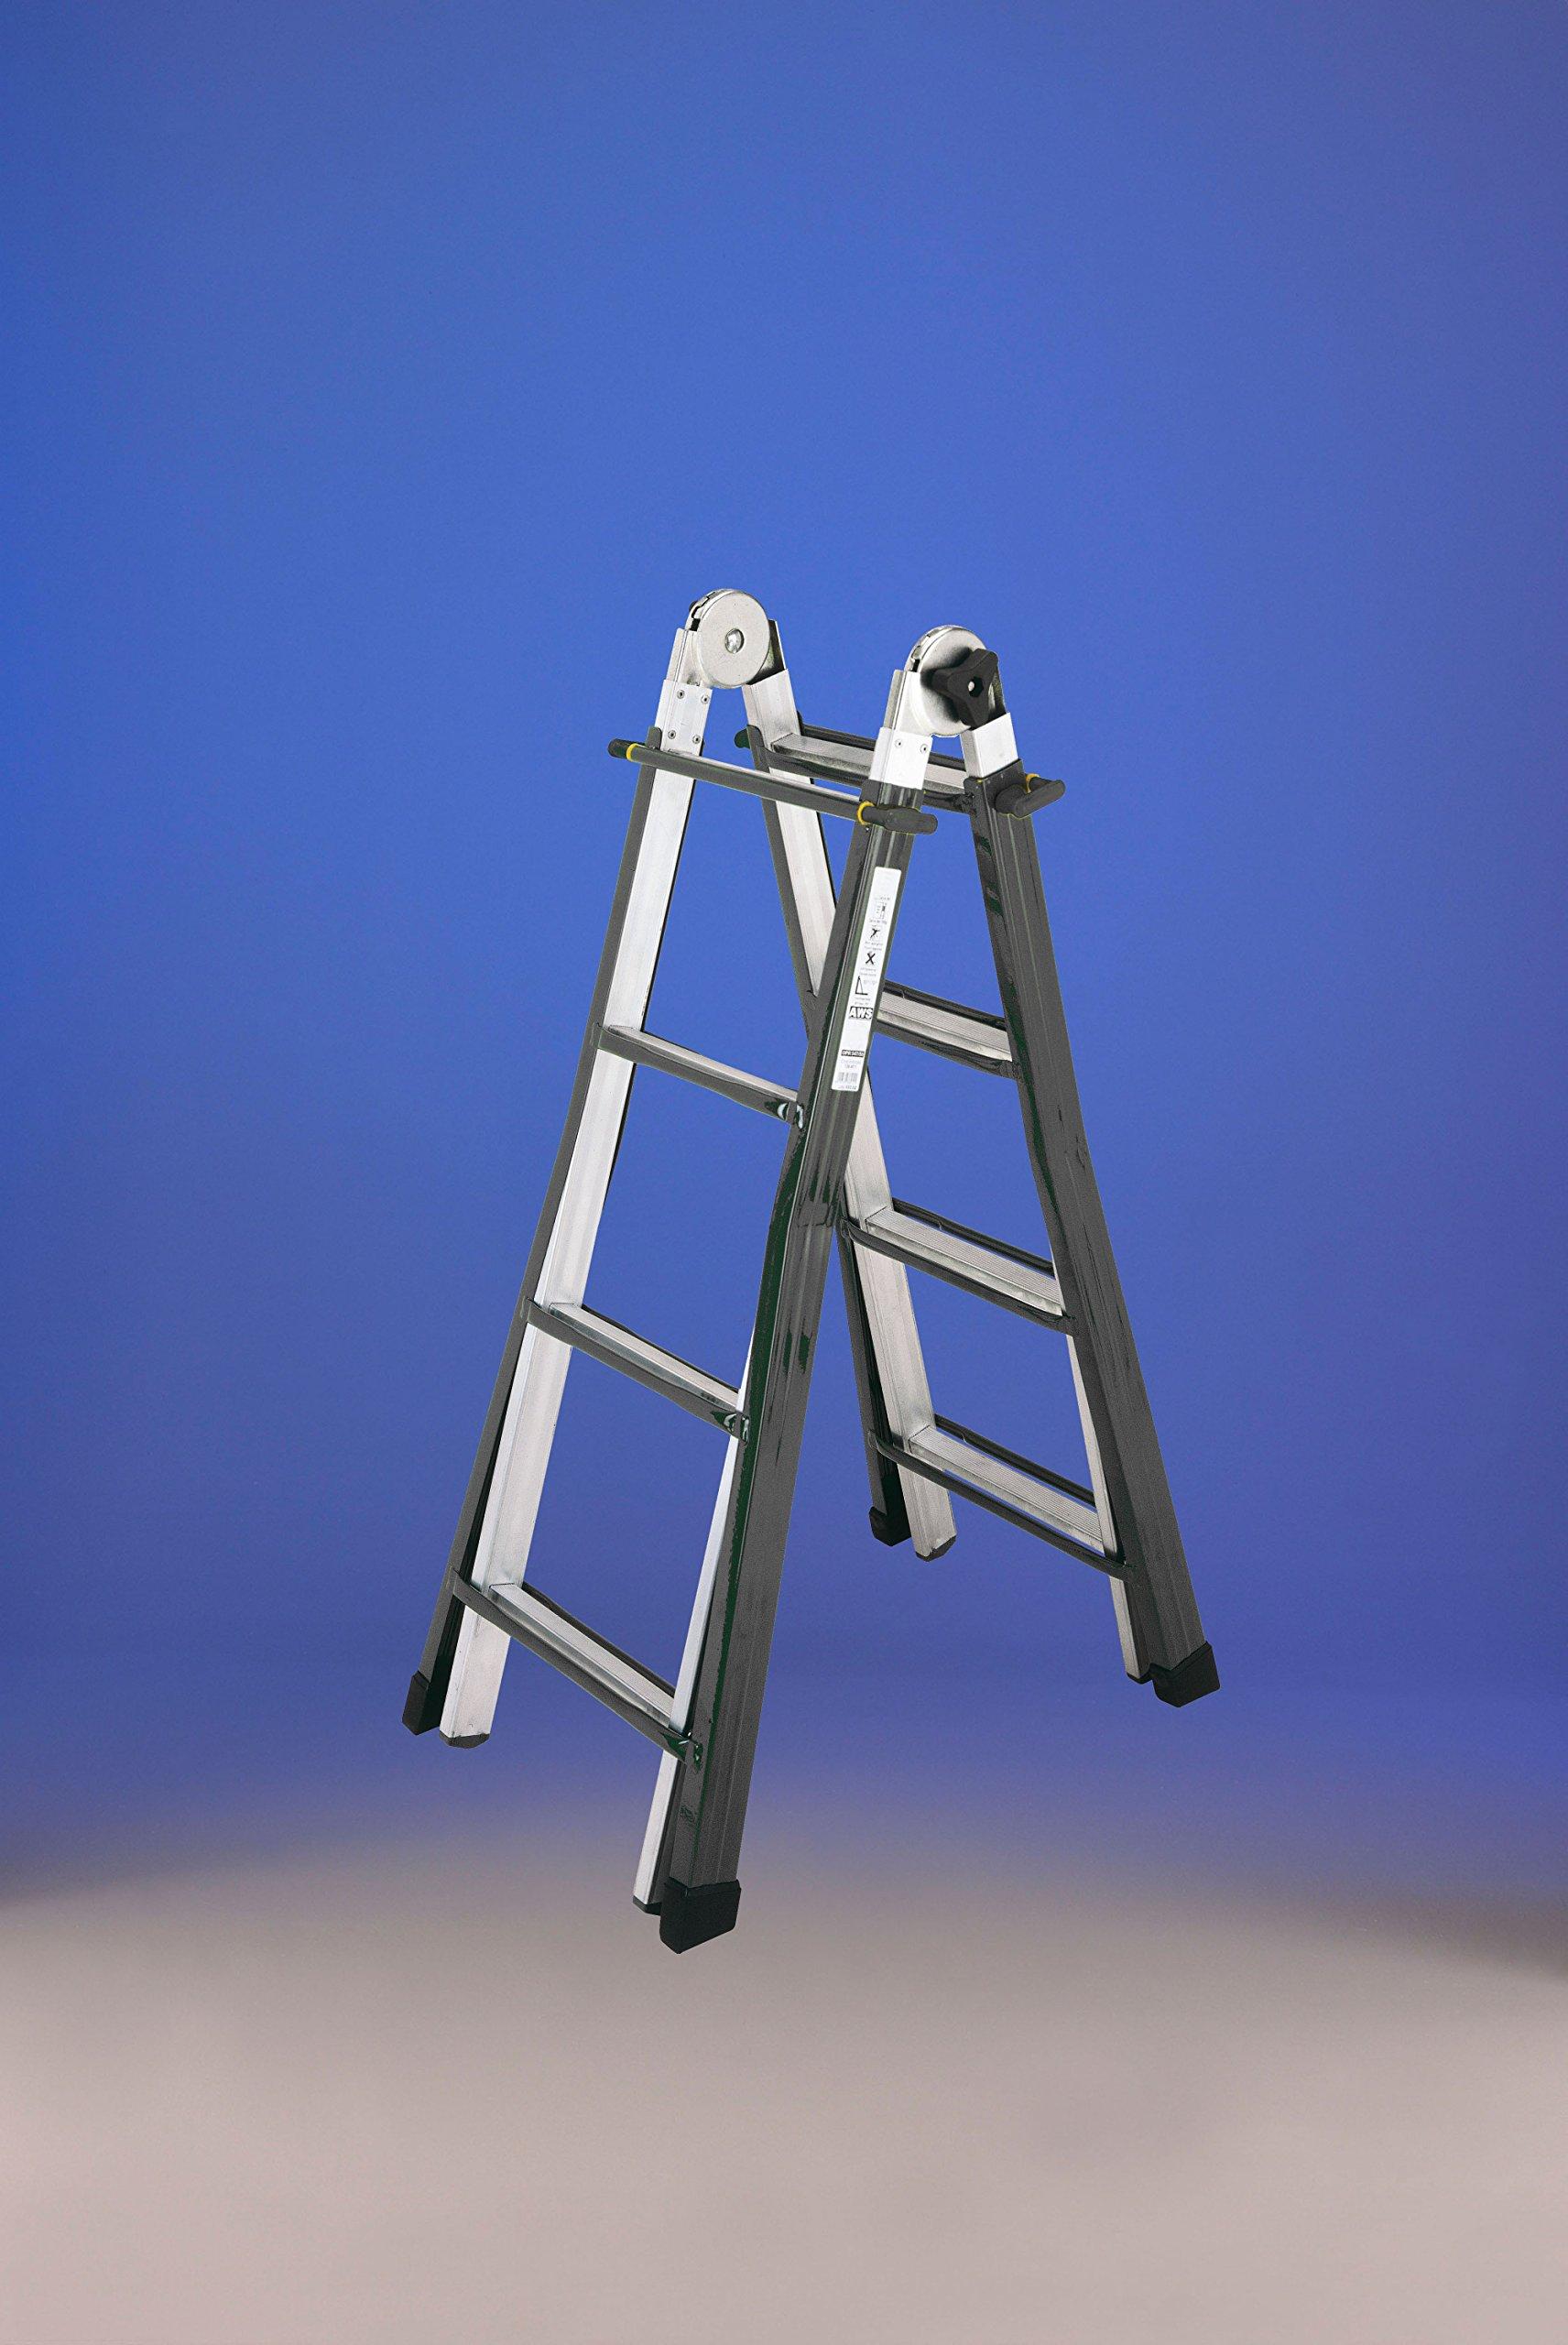 Escalera multiposición aluminio telescópica mixta acero 20 peldaños (4x5) (5 5): Amazon.es: Bricolaje y herramientas